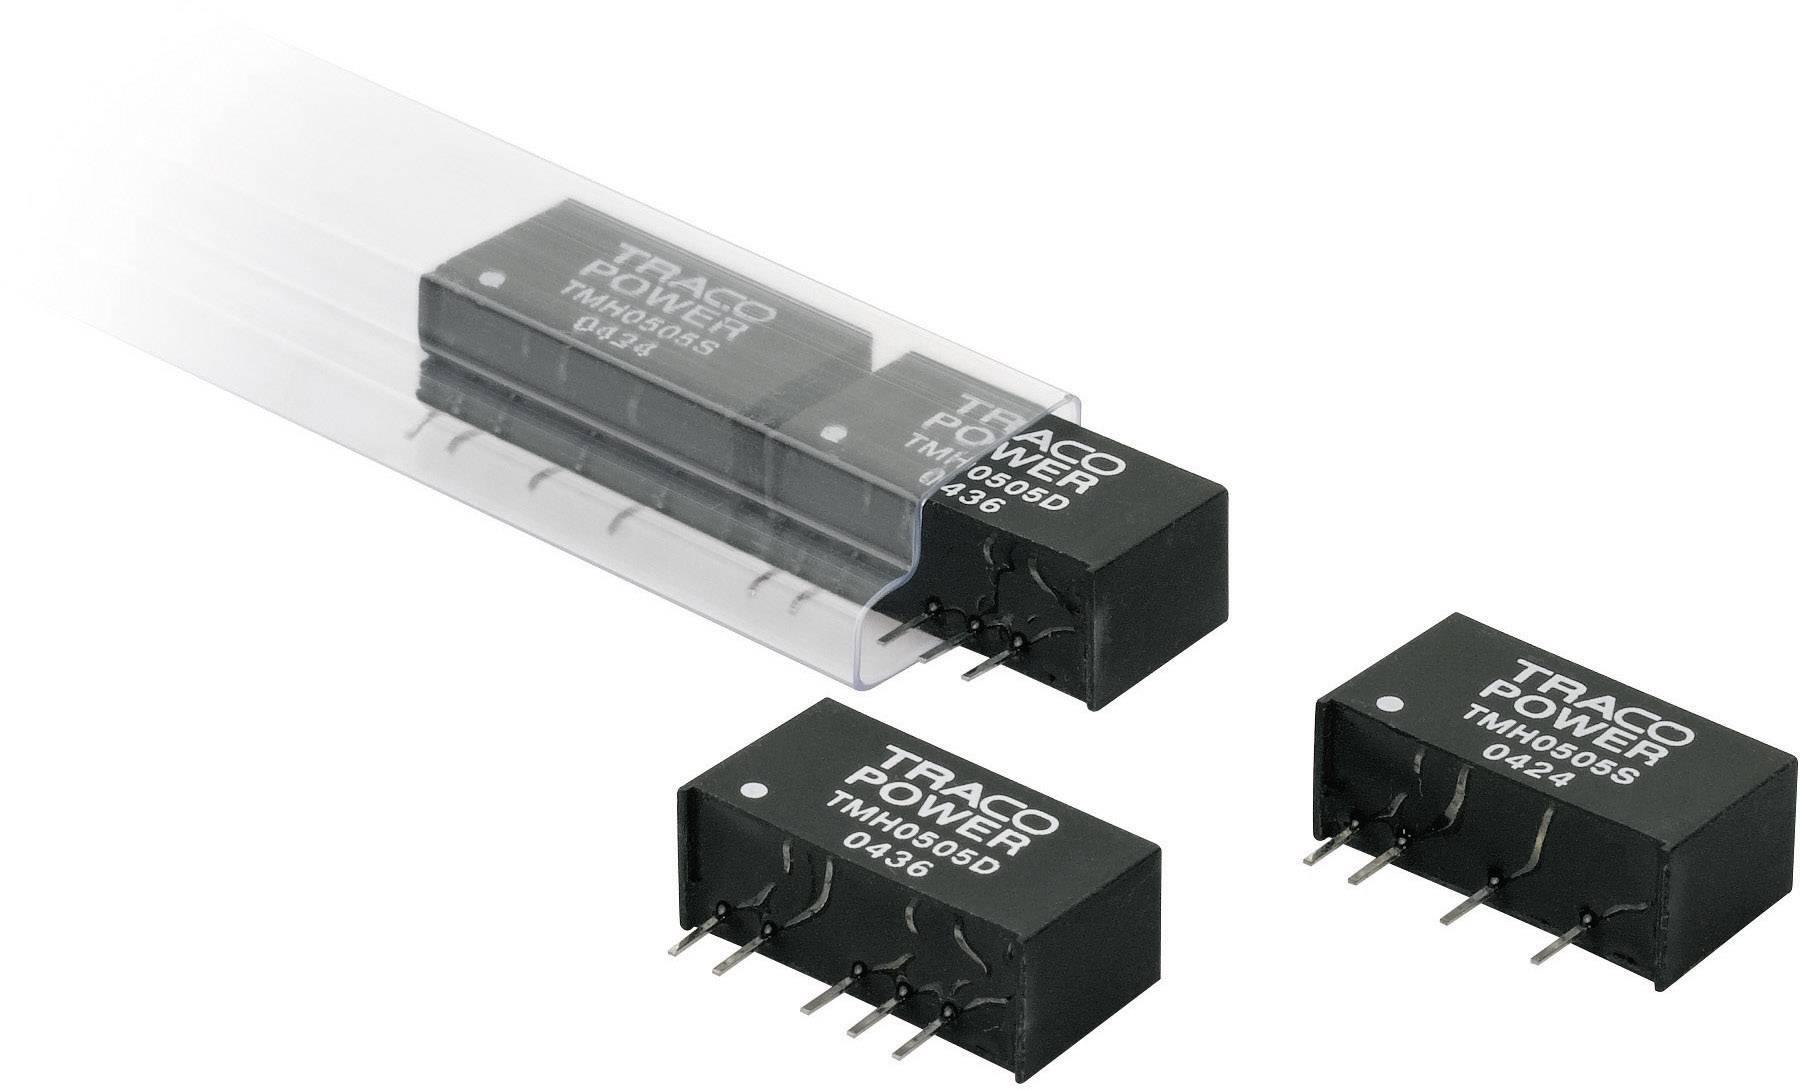 DC/DC měnič TracoPower TMH 2412S, vstup 24 V/DC, výstup 12 V/DC, 165 mA, 2 W